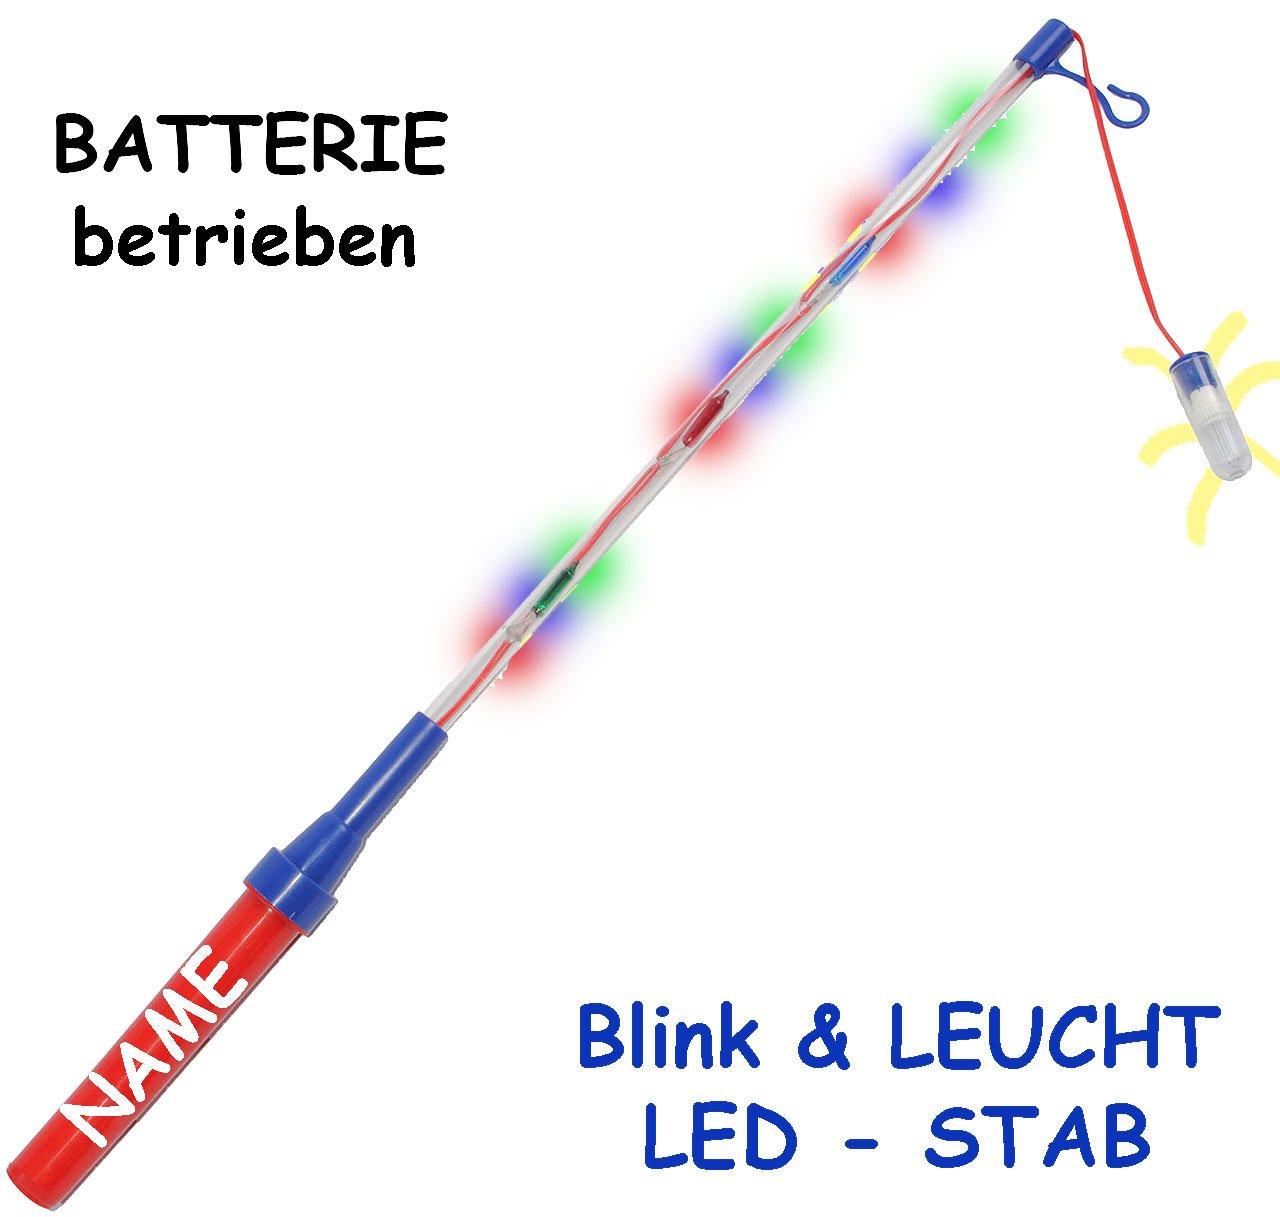 1 Stück _ Laternenstab - incl. Name - LED - elektrisch BLINKENDER Stab - incl. Name - Batterie betrieben - z. B. für Laternen & Lampions - 51 cm - bunte Farben - HELL - Teleskop blinkend - elektrischer - aus Kunststoff - Laternenumzug - Mädchen Jungen